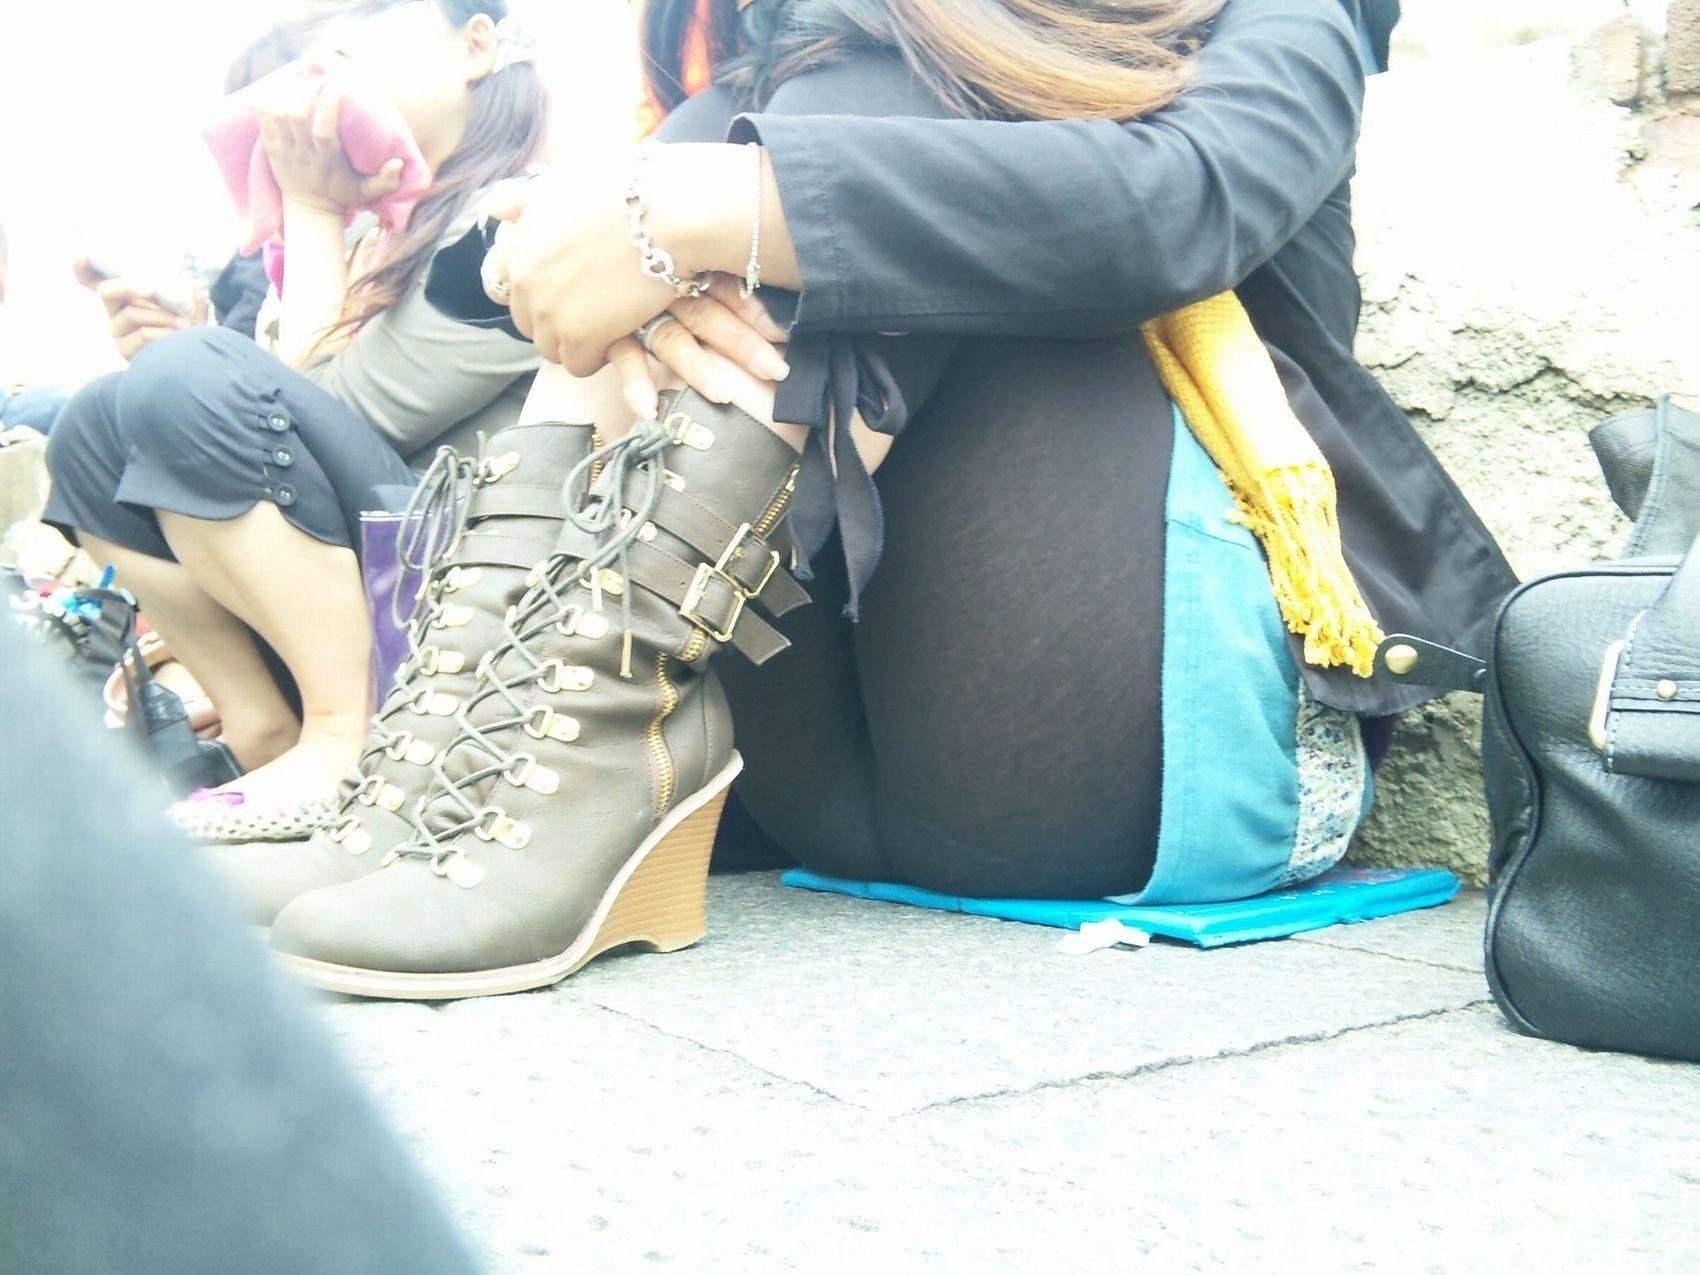 レギンスに透けるパンチラでチンコに手が伸びる素人街撮りエロ画像 679